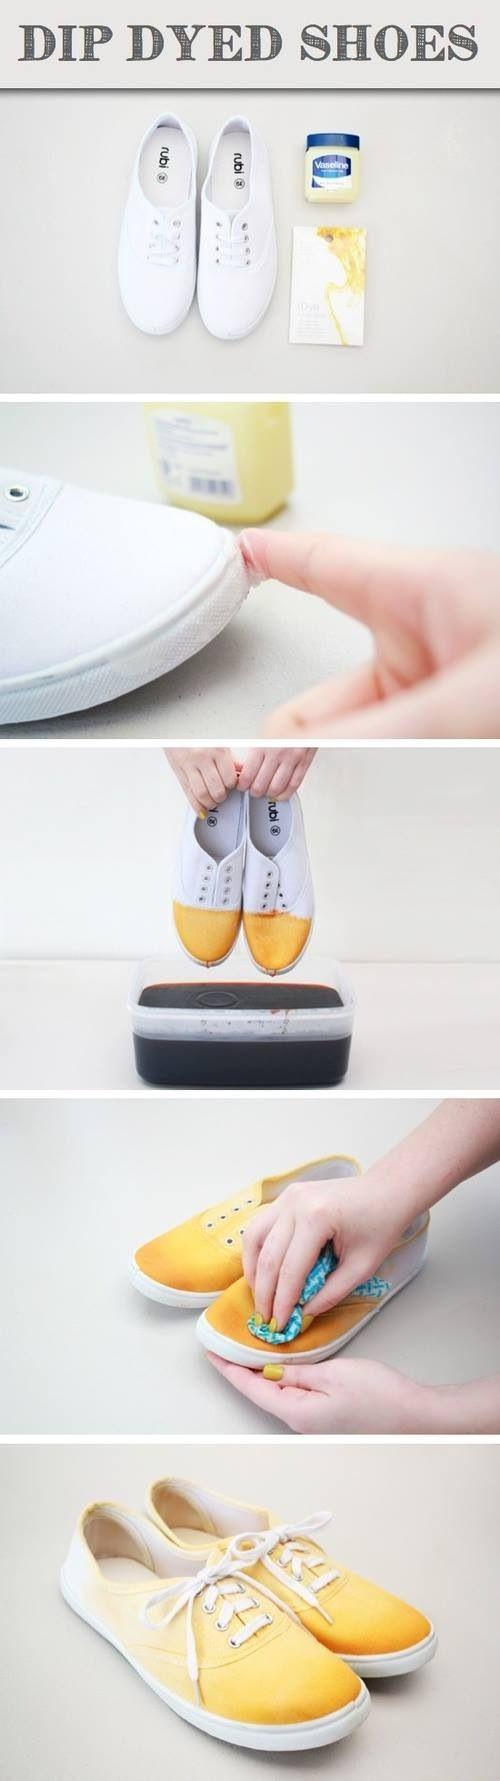 ¿Quieres un nuevo look, pero no quieren romper el banco? Vaselina y ropa de tinte! Use cinta adhesiva para cubrir partes del zapato actual y realizar algunos diseños ingeniosos!